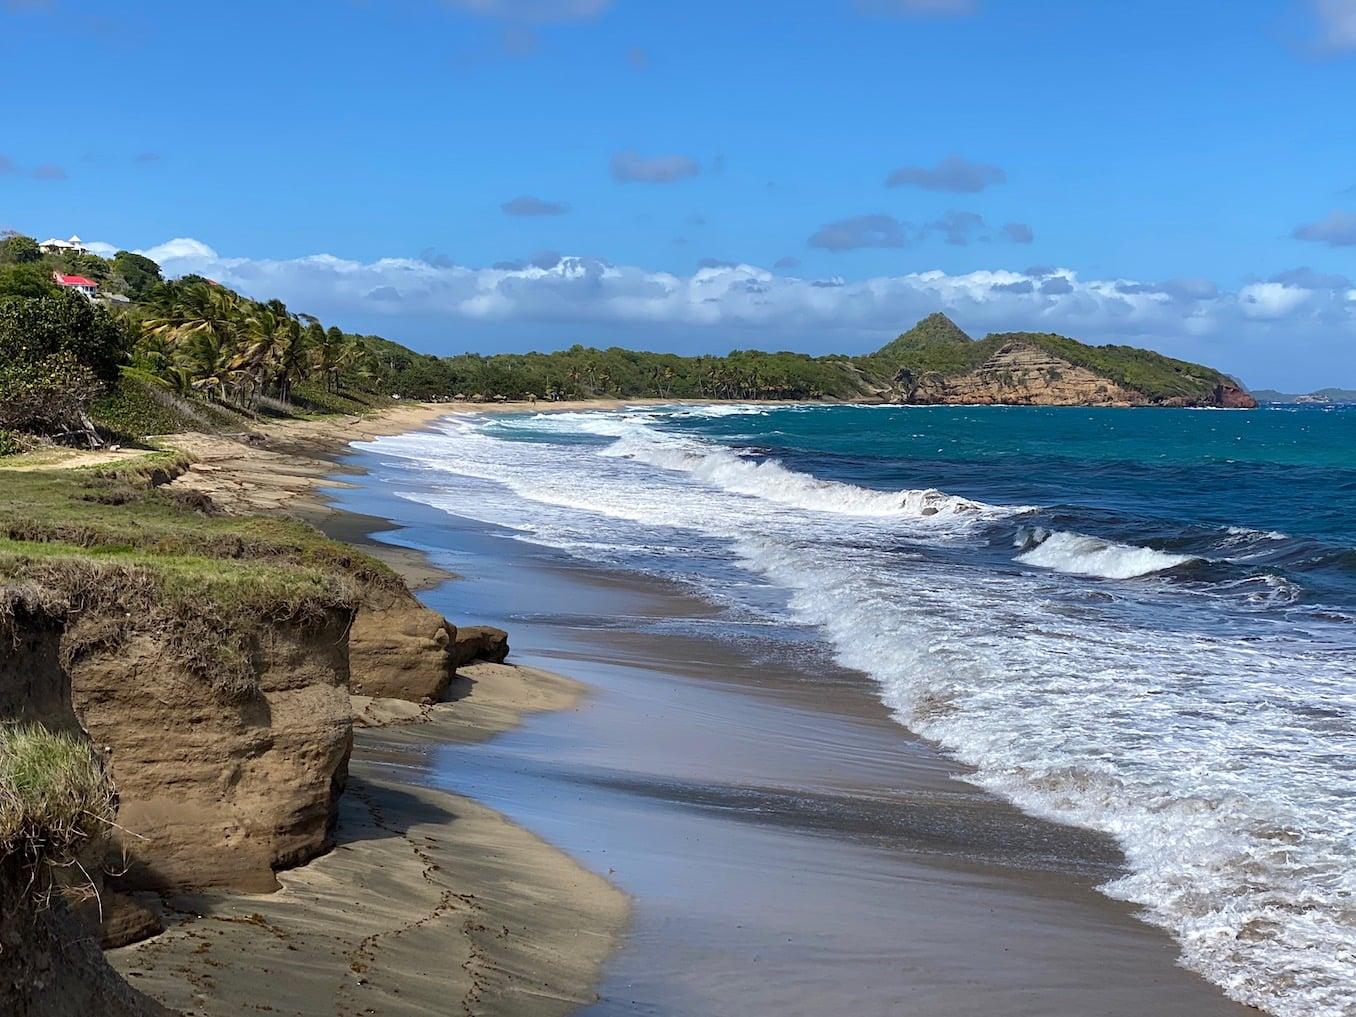 Wild beach in North Grenada